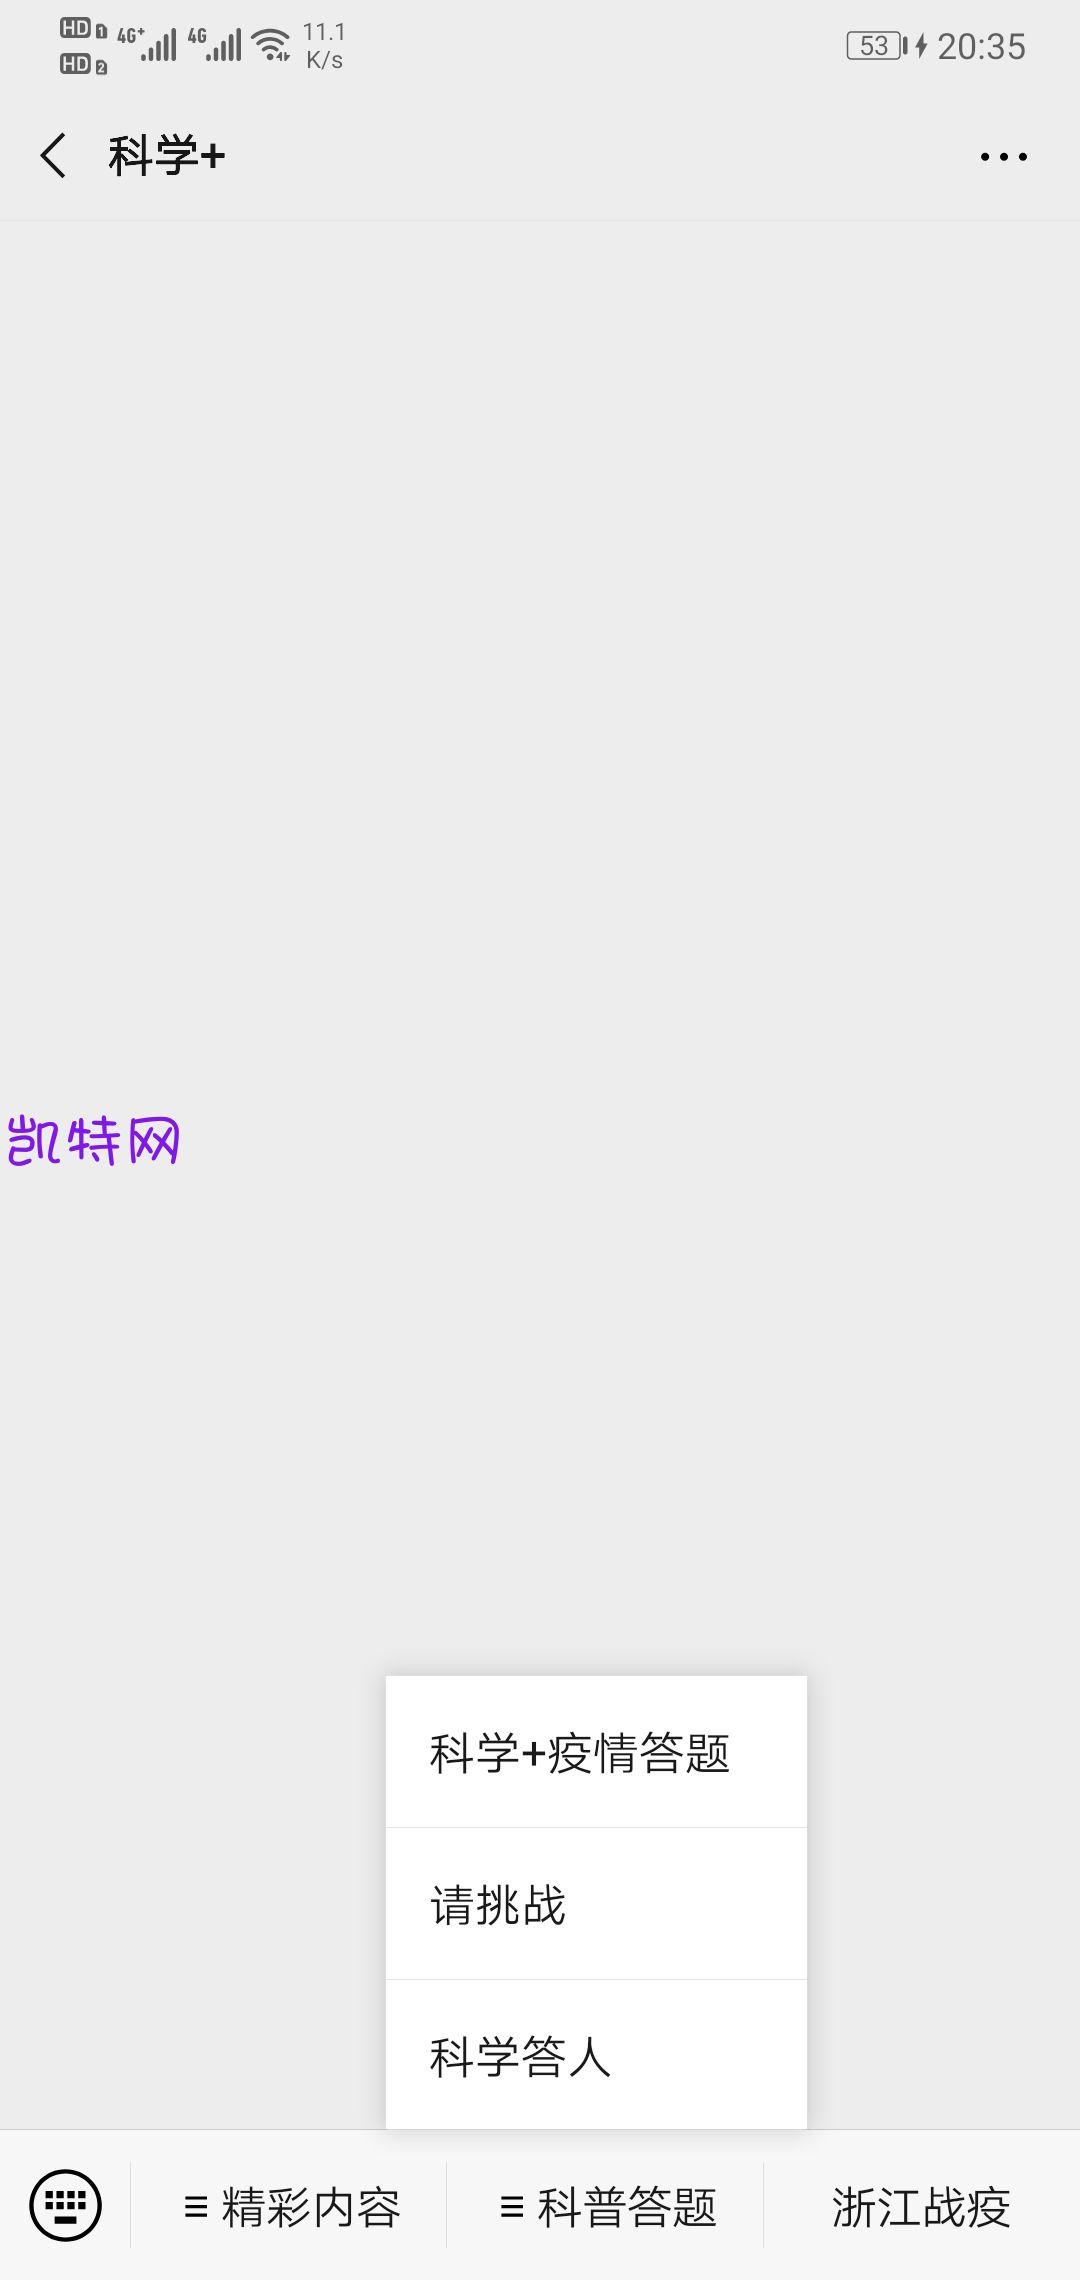 【现金红包】科学+答题抽奖